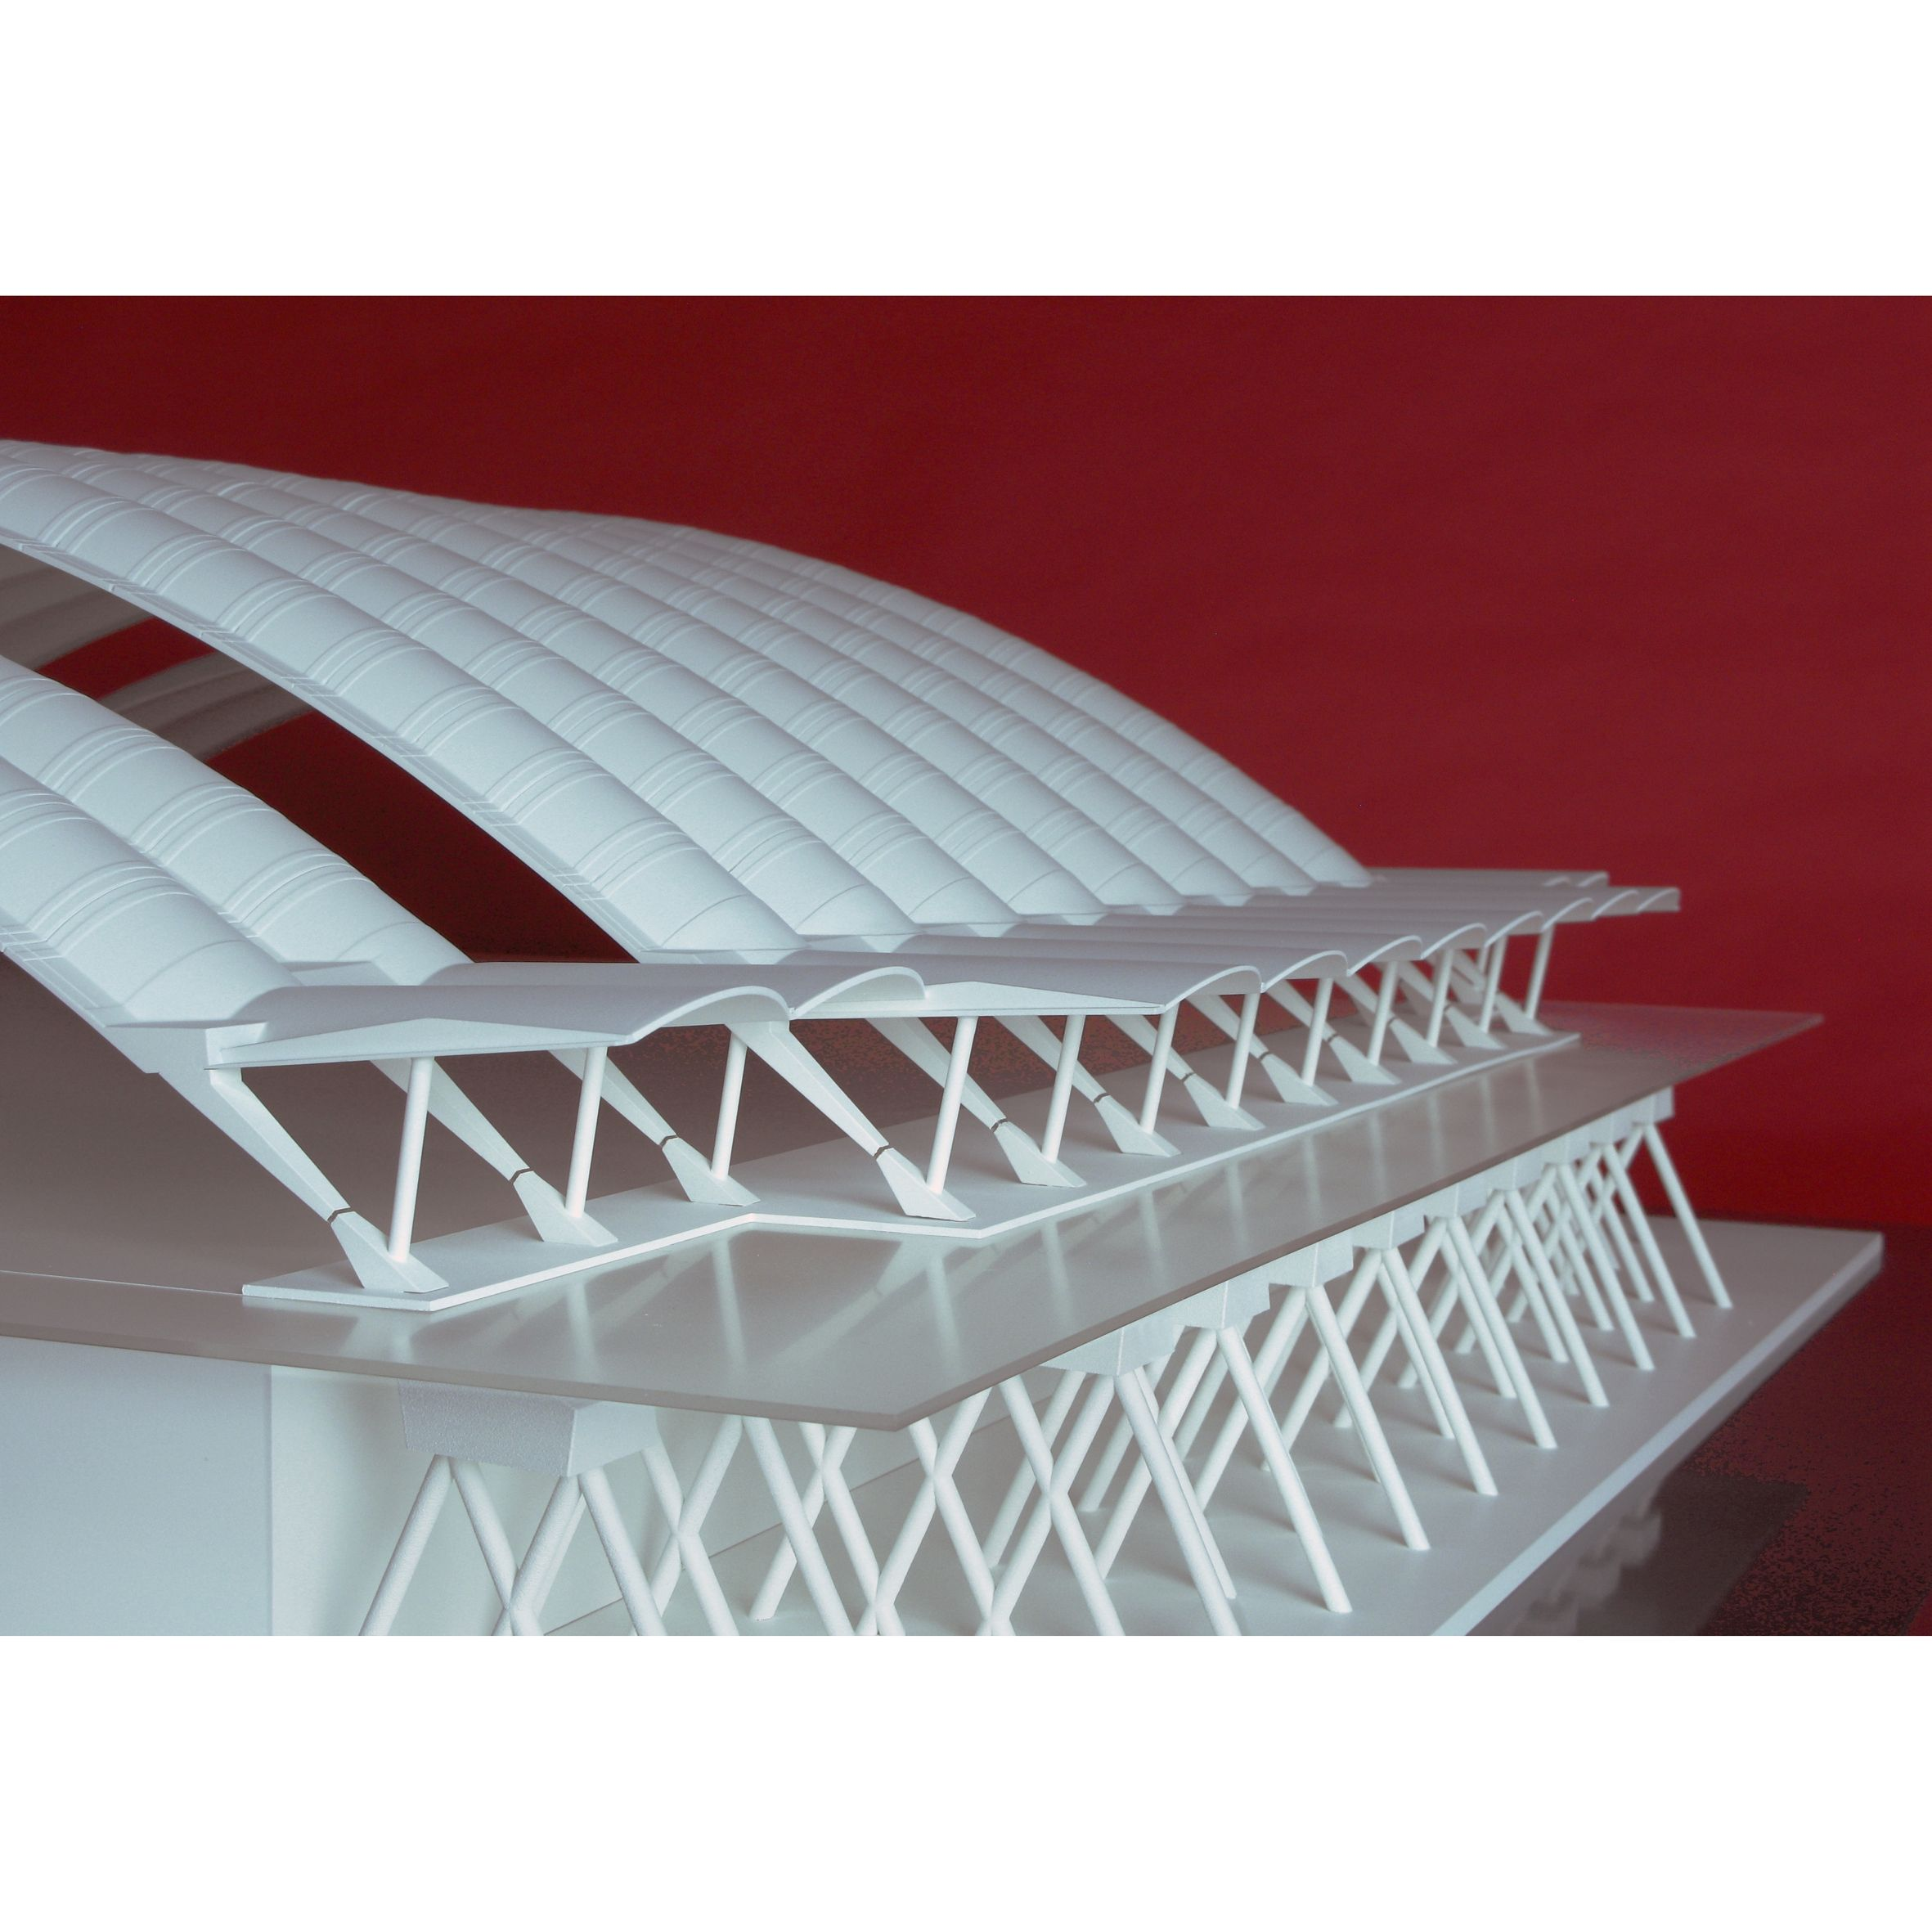 Spectacular HCH MODEL Maqueta de la cubierta de arcos onda y cimentaci n del Polideportivo de Oviedo